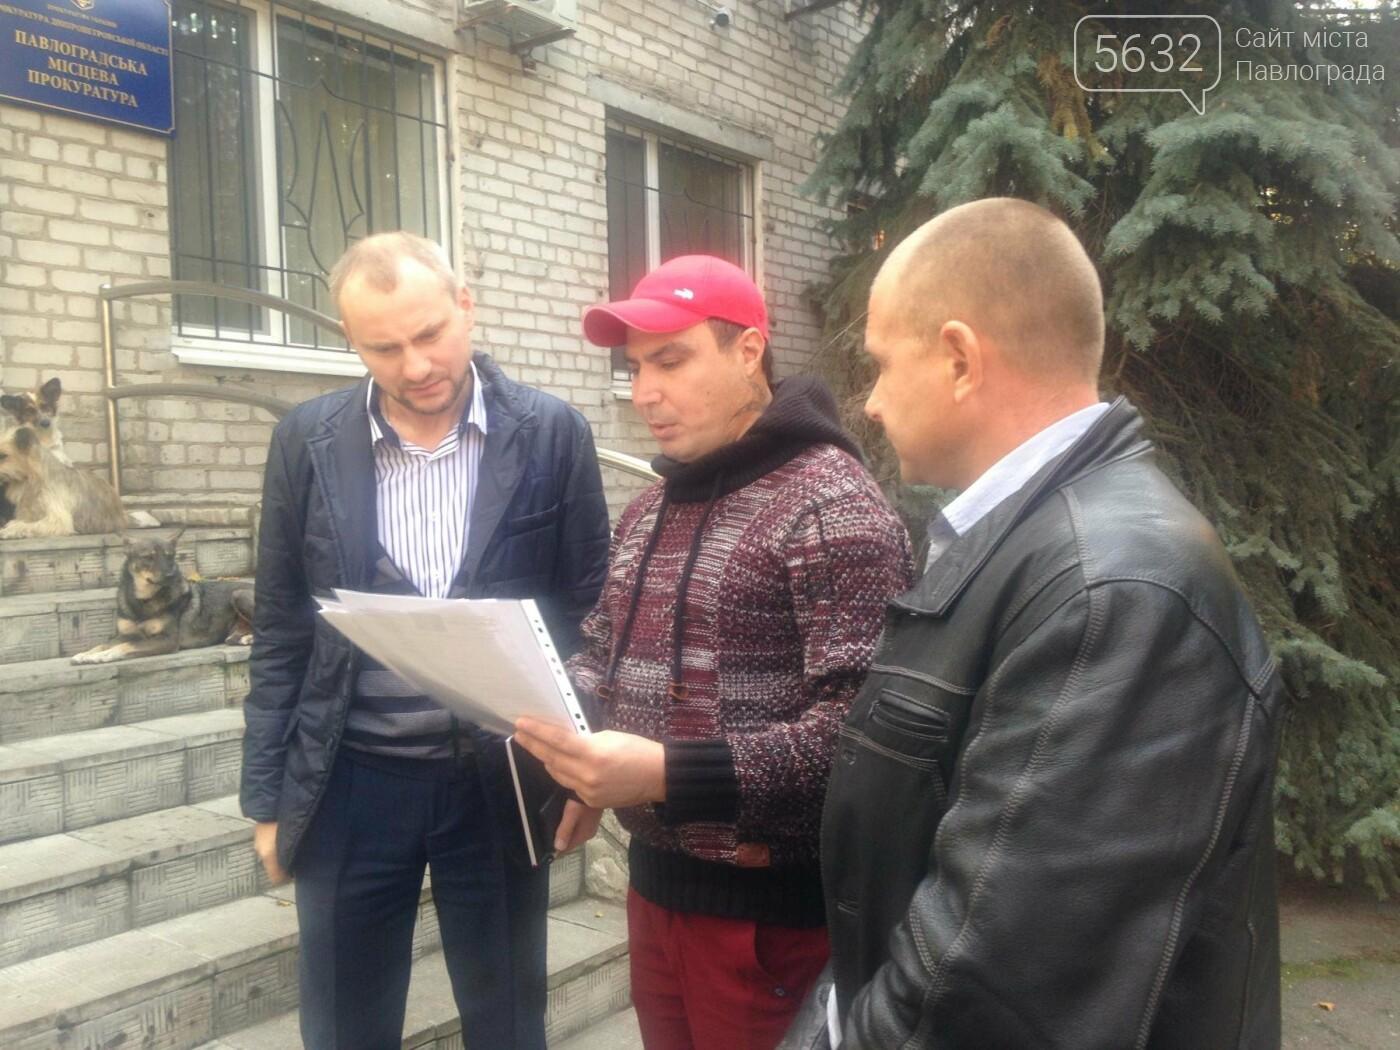 Павлоградские активисты выступили против увольнения шахтера, фото-4